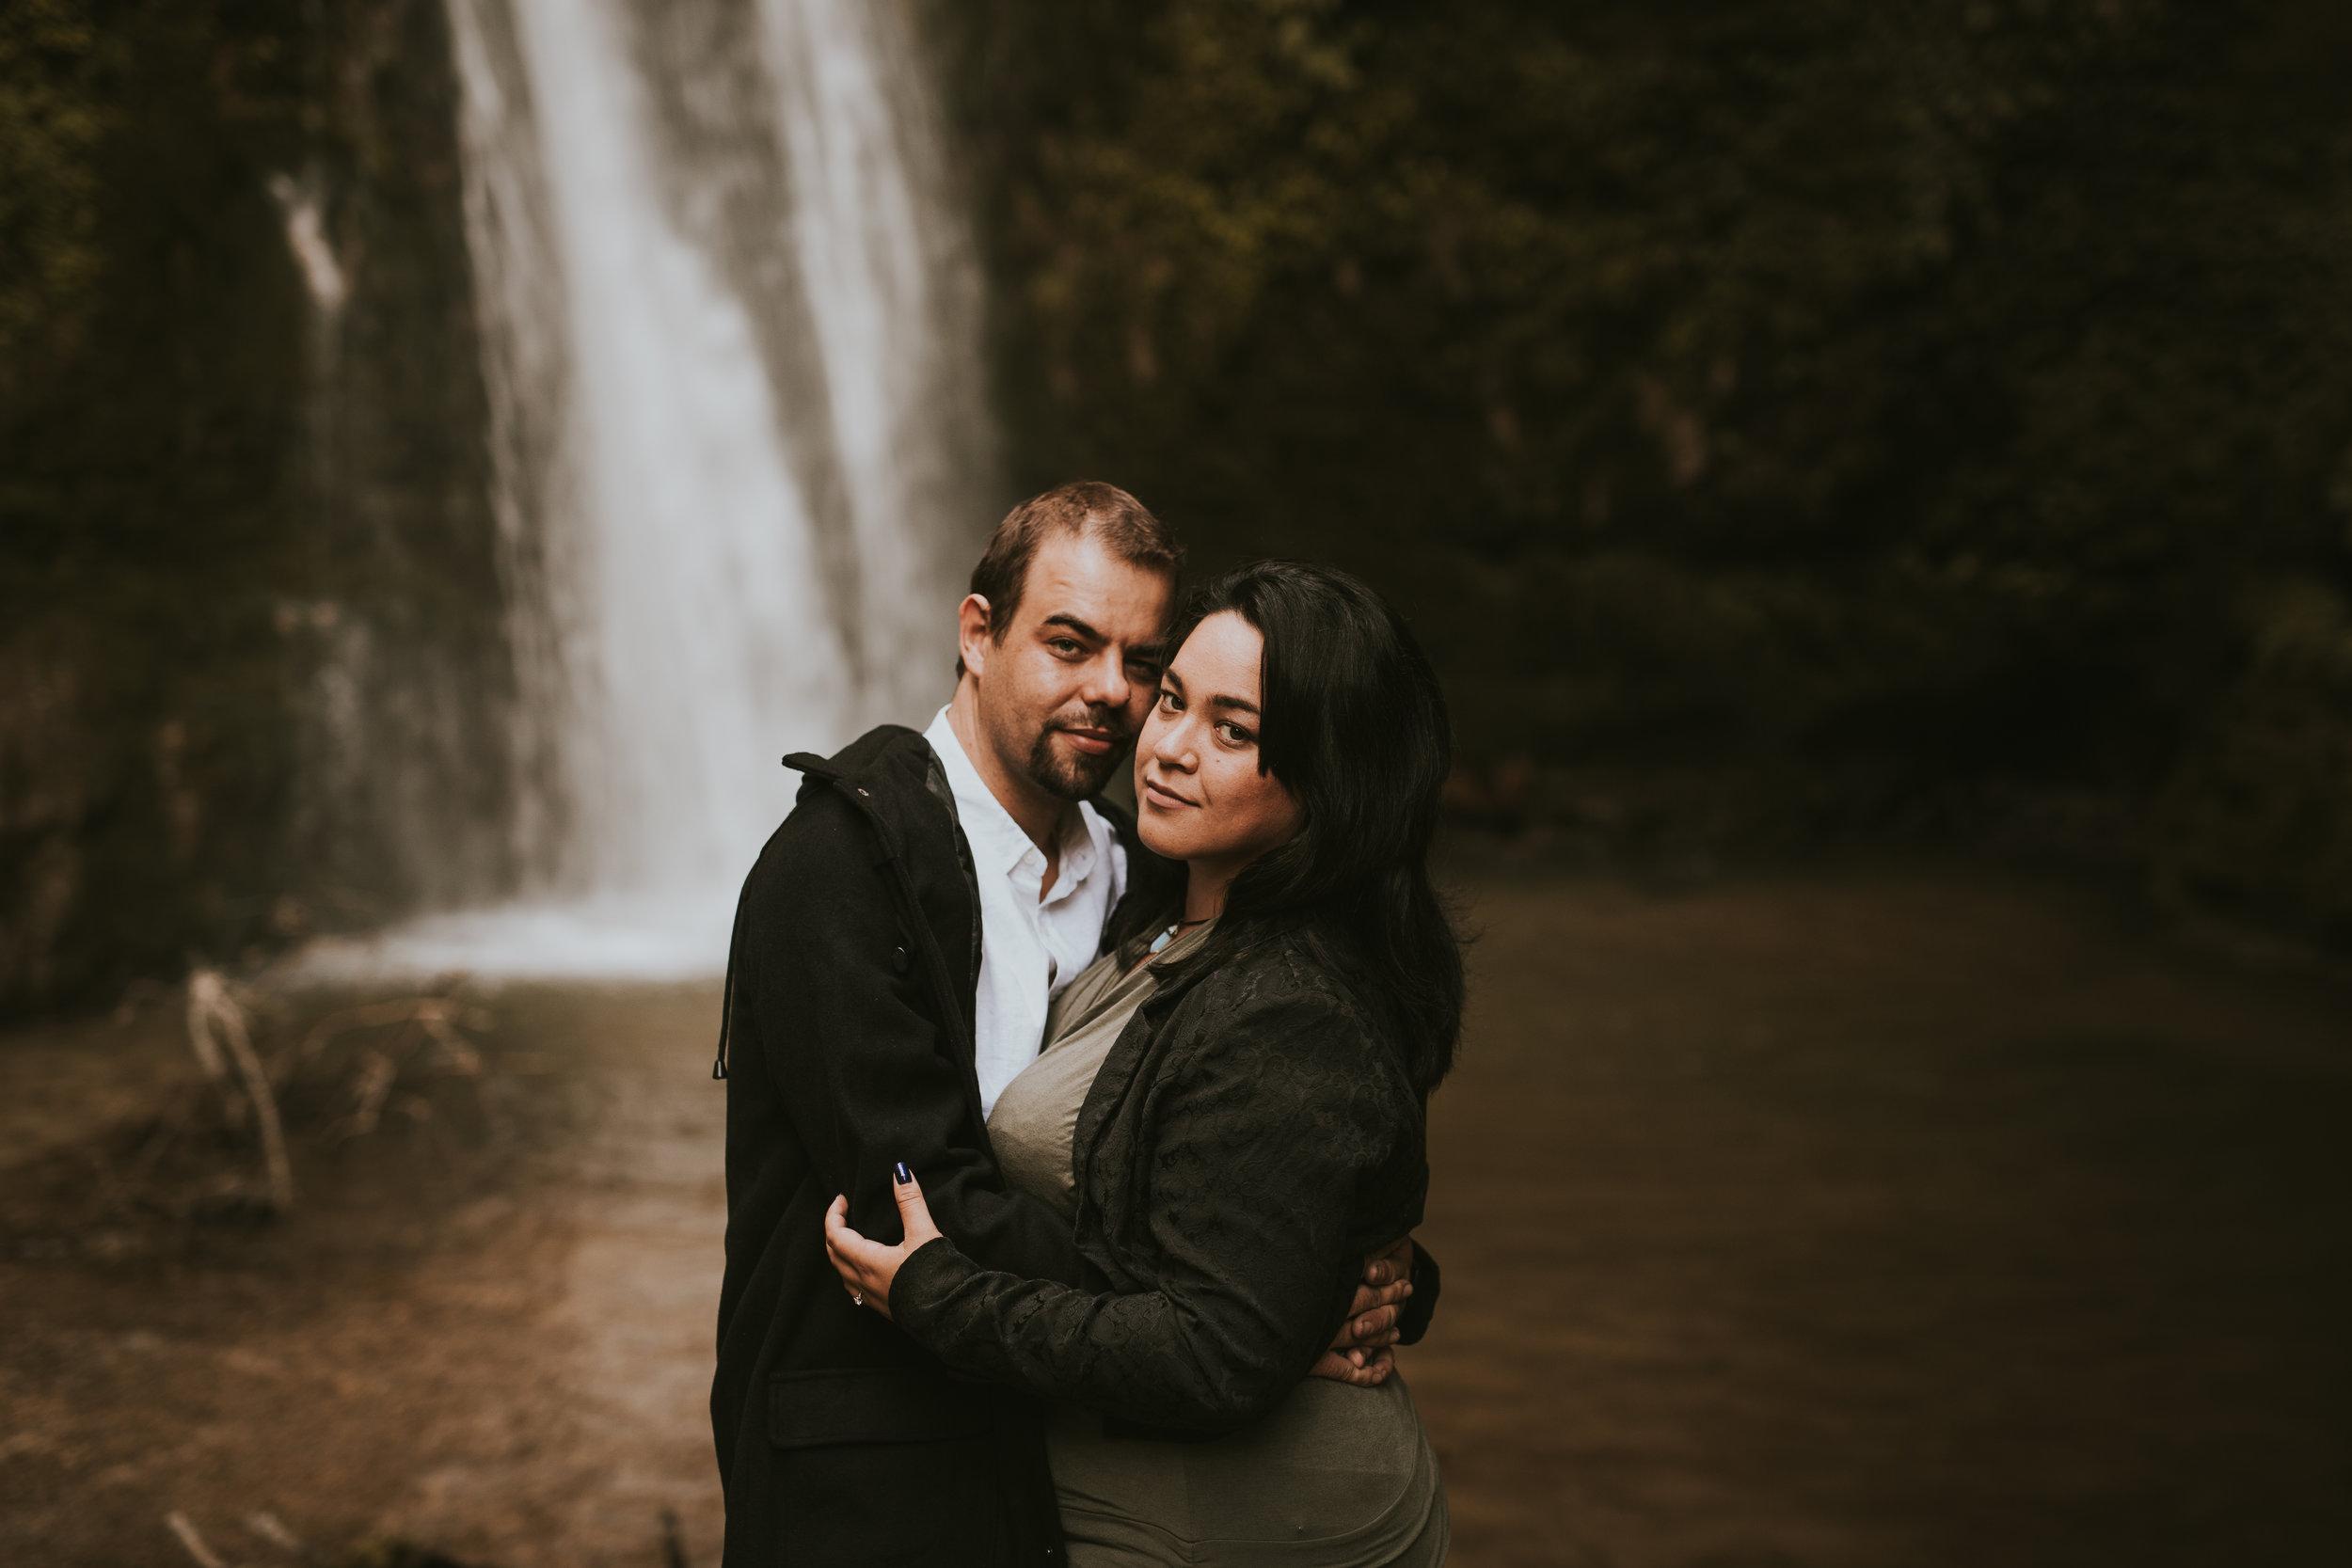 Lisa Fisher Photography - James & Lisa Engagement-36.jpg